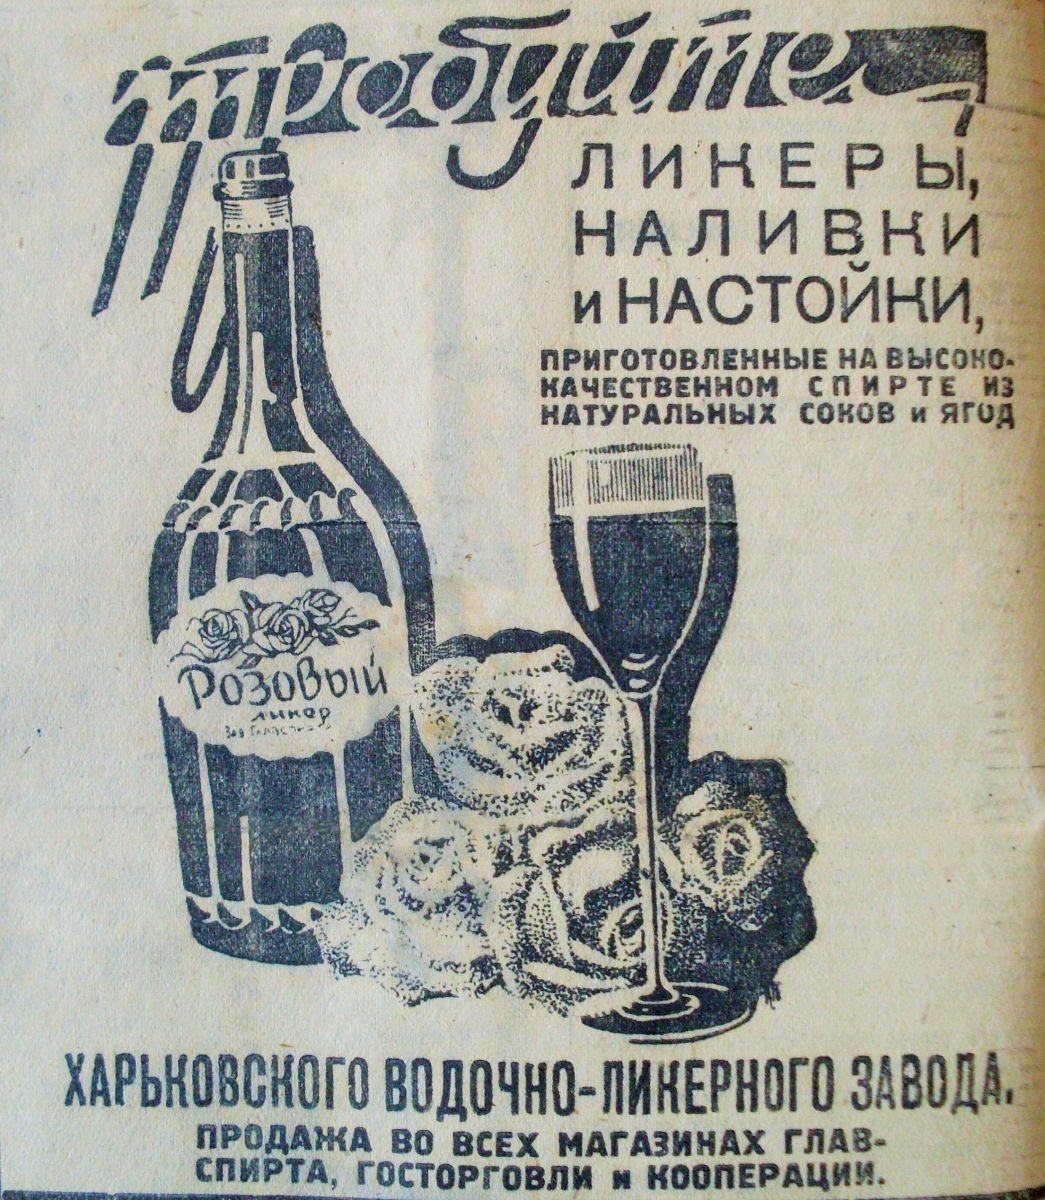 Ще трохи алкогольної реклами 1935 року